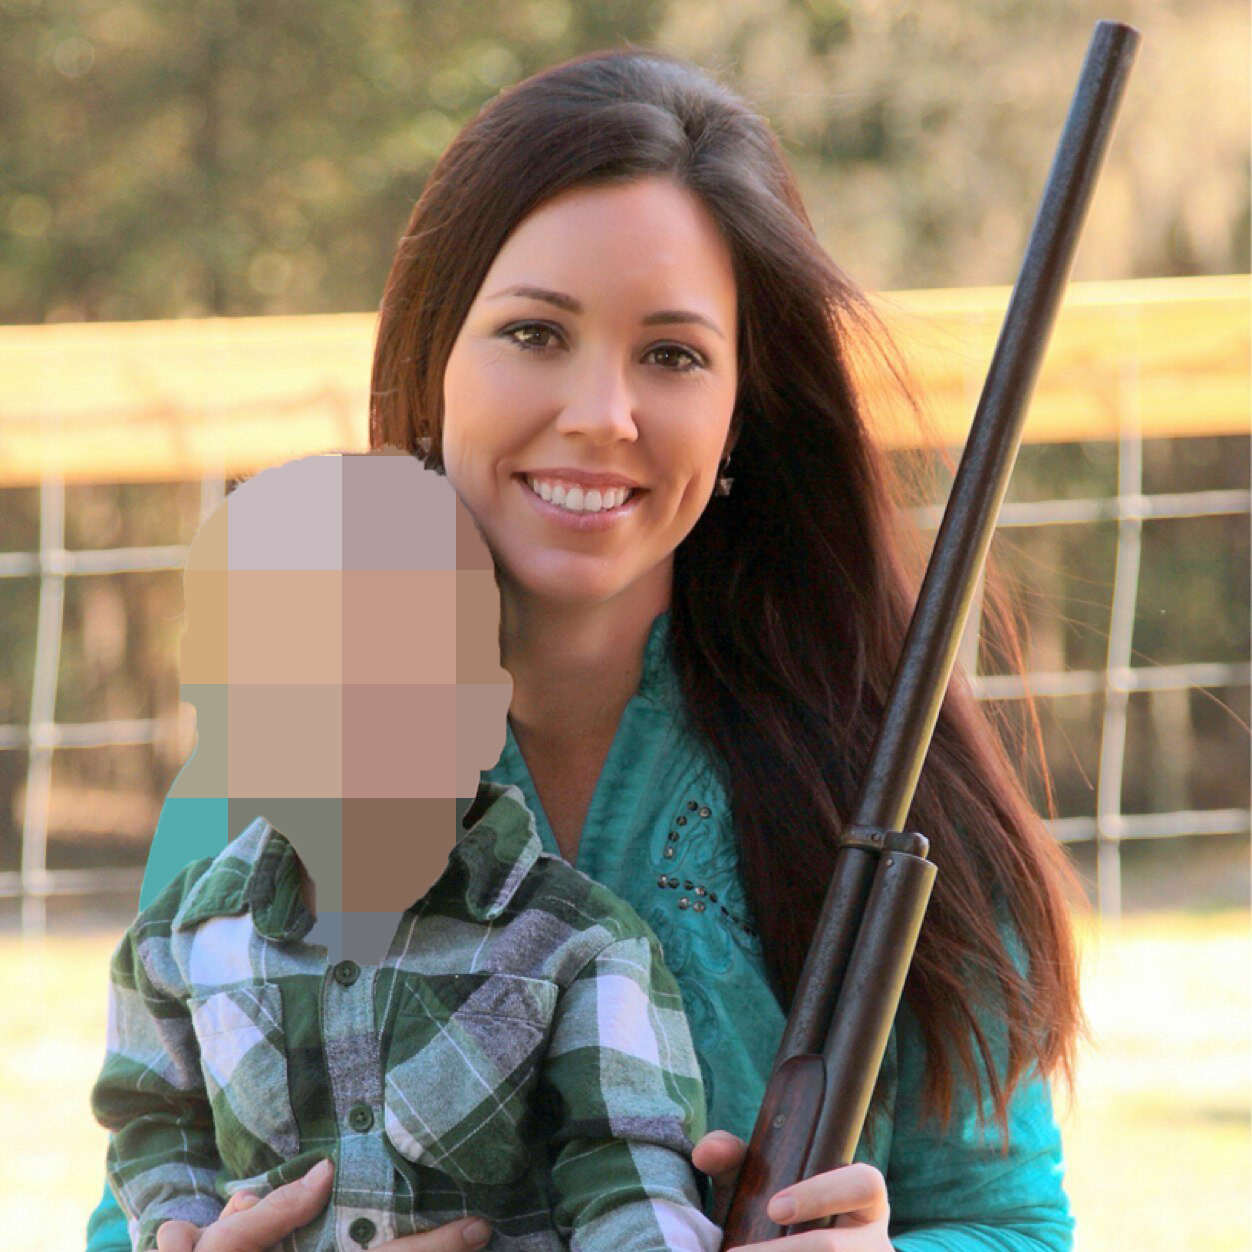 Gun posrter girl